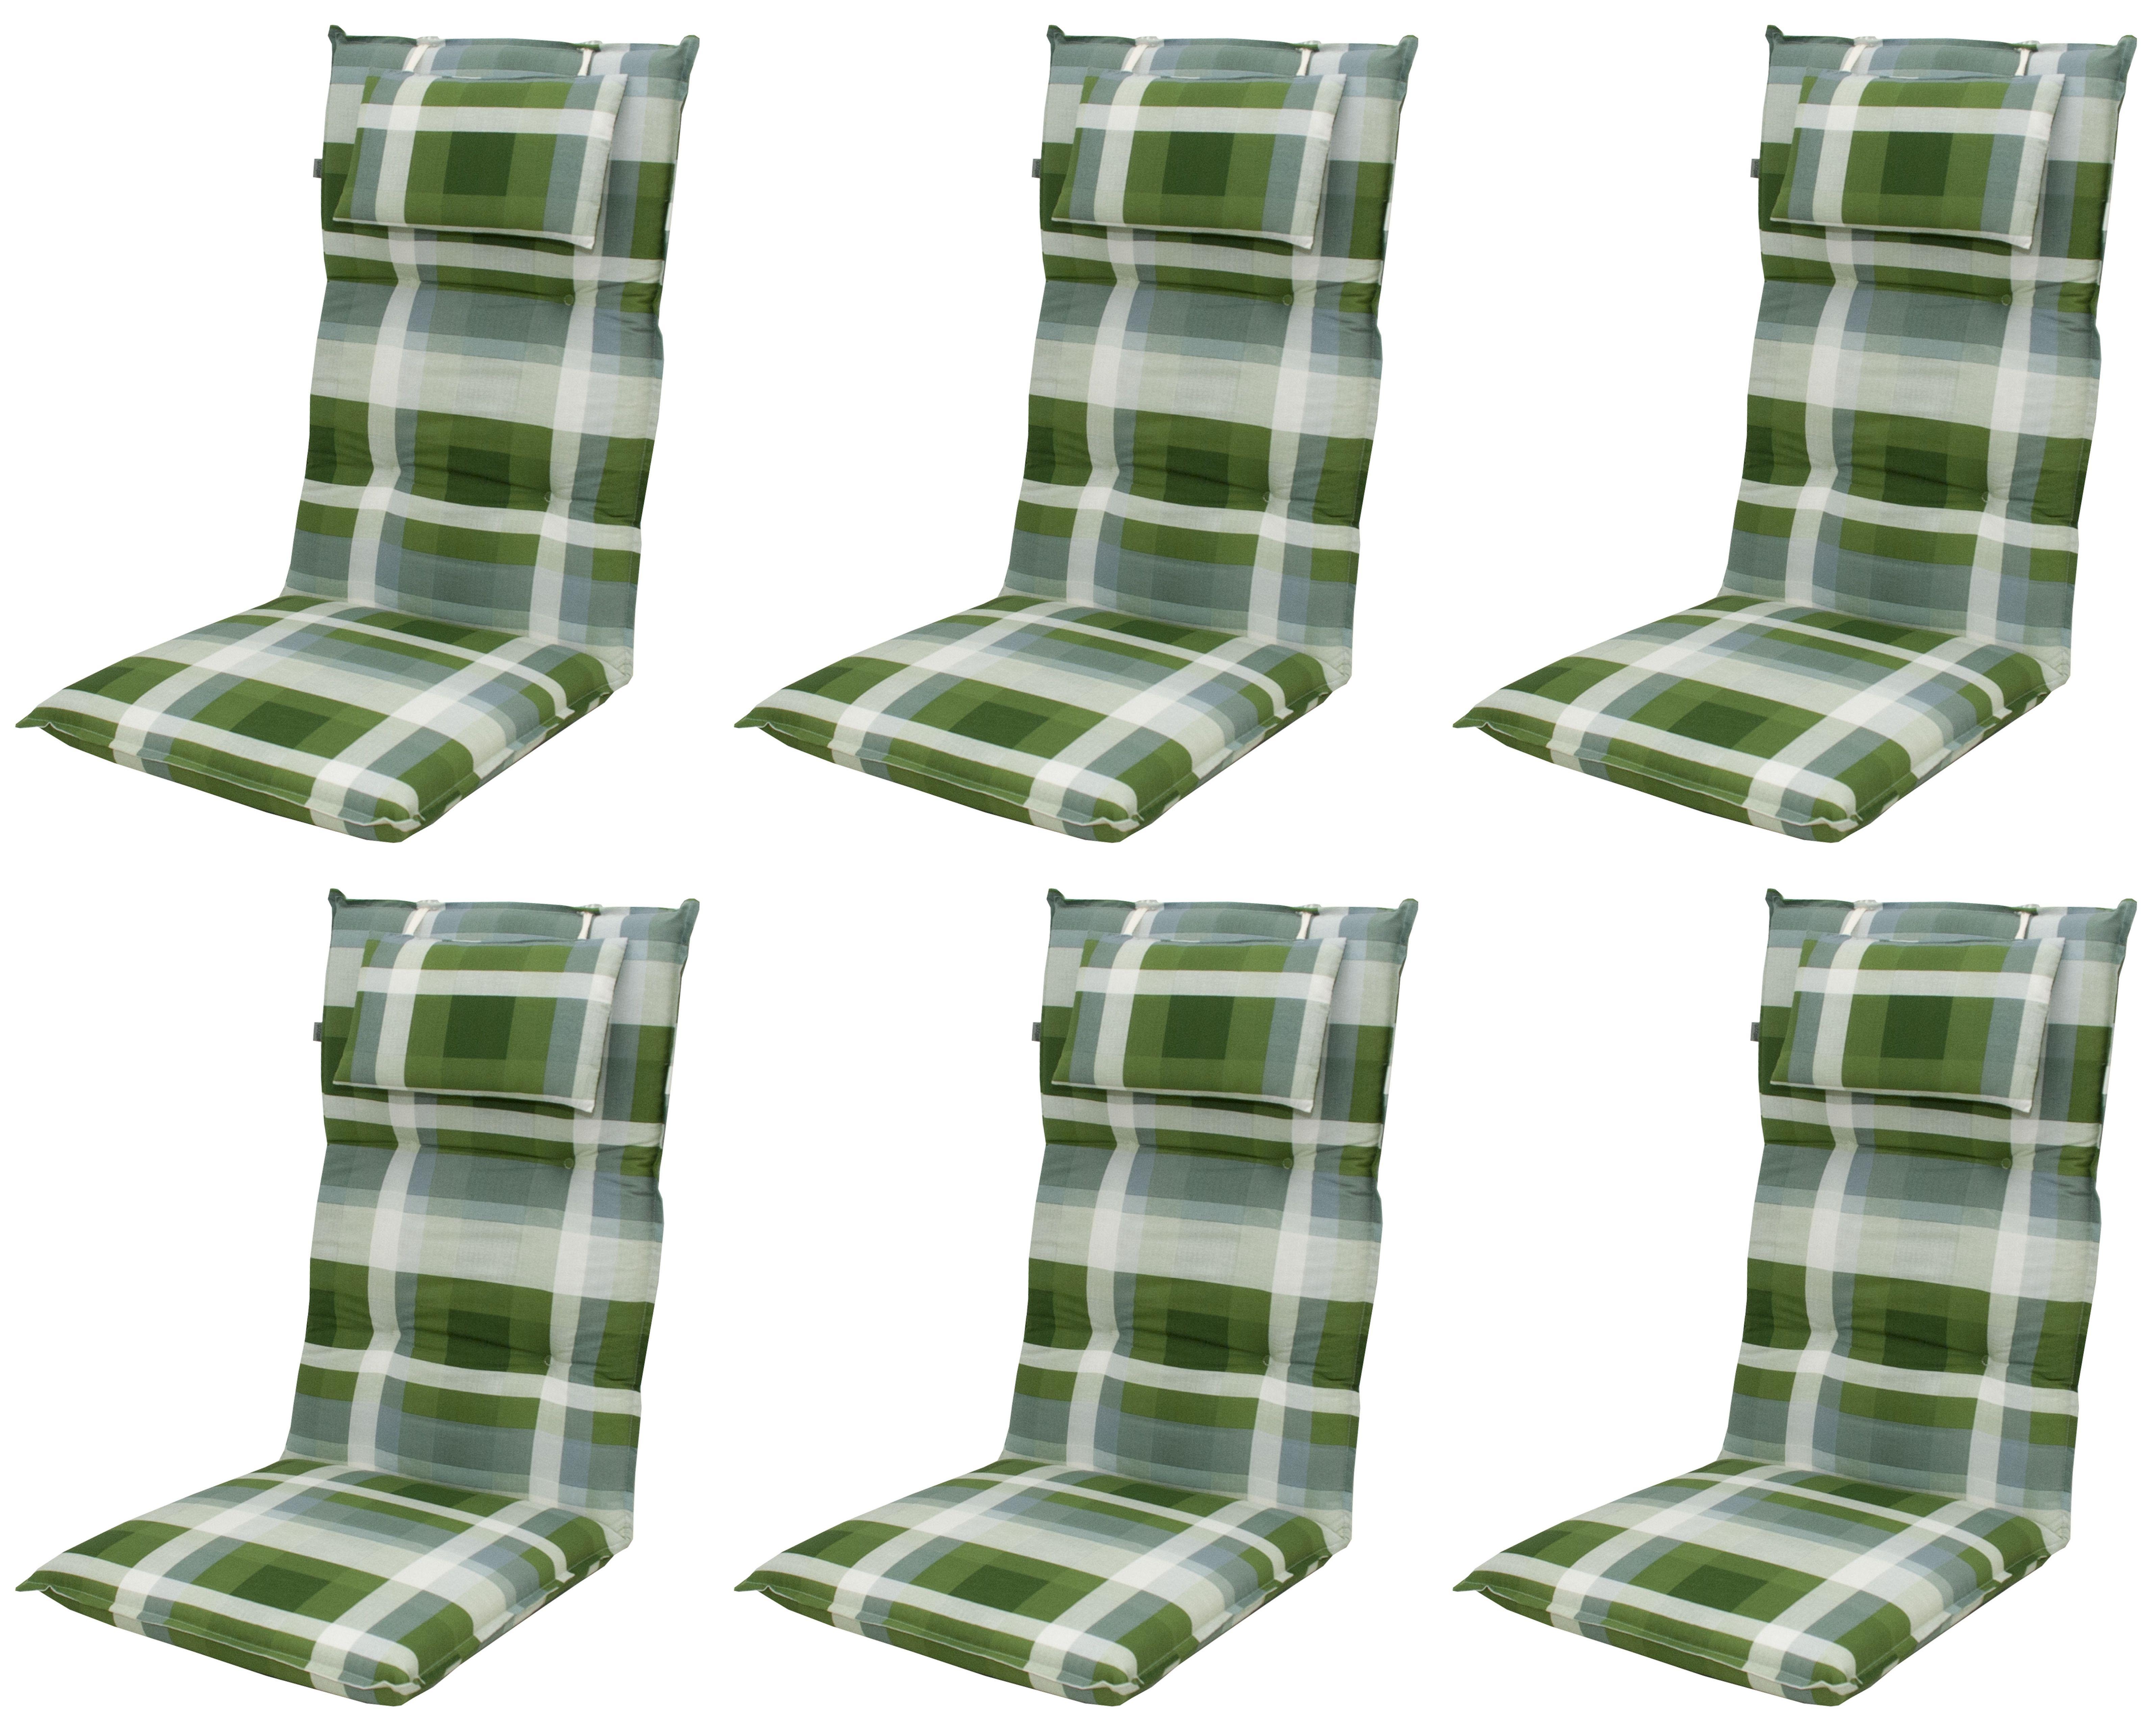 6x 8606 hochlehner gartenstuhl auflagen 8cm kopfkissen gr n f r st hle mit hoher lehne. Black Bedroom Furniture Sets. Home Design Ideas